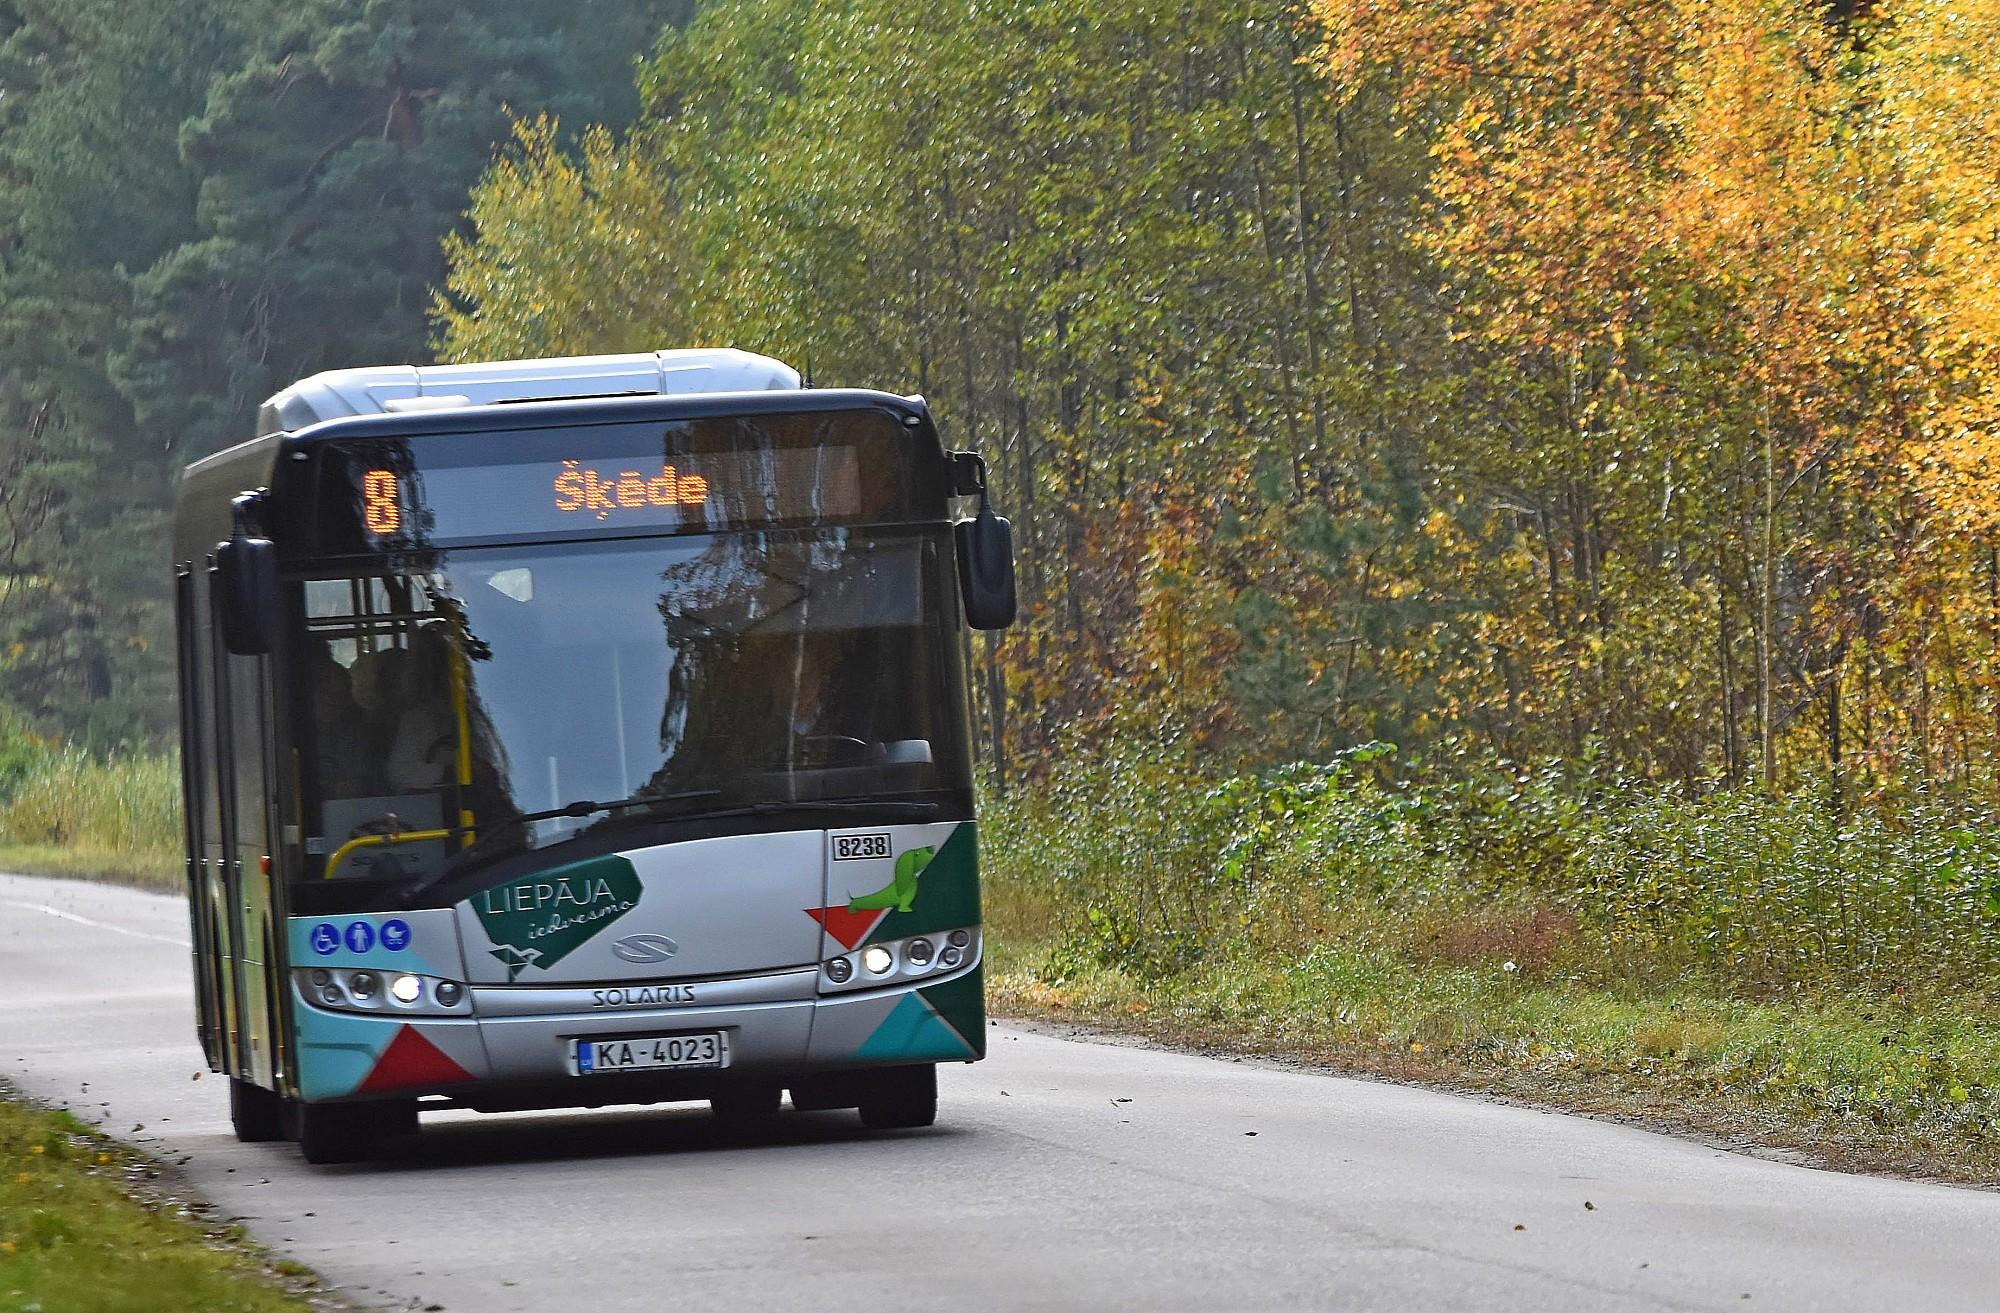 8. maršruta autobusi atsāks kursēt pēc pavasara kustības saraksta